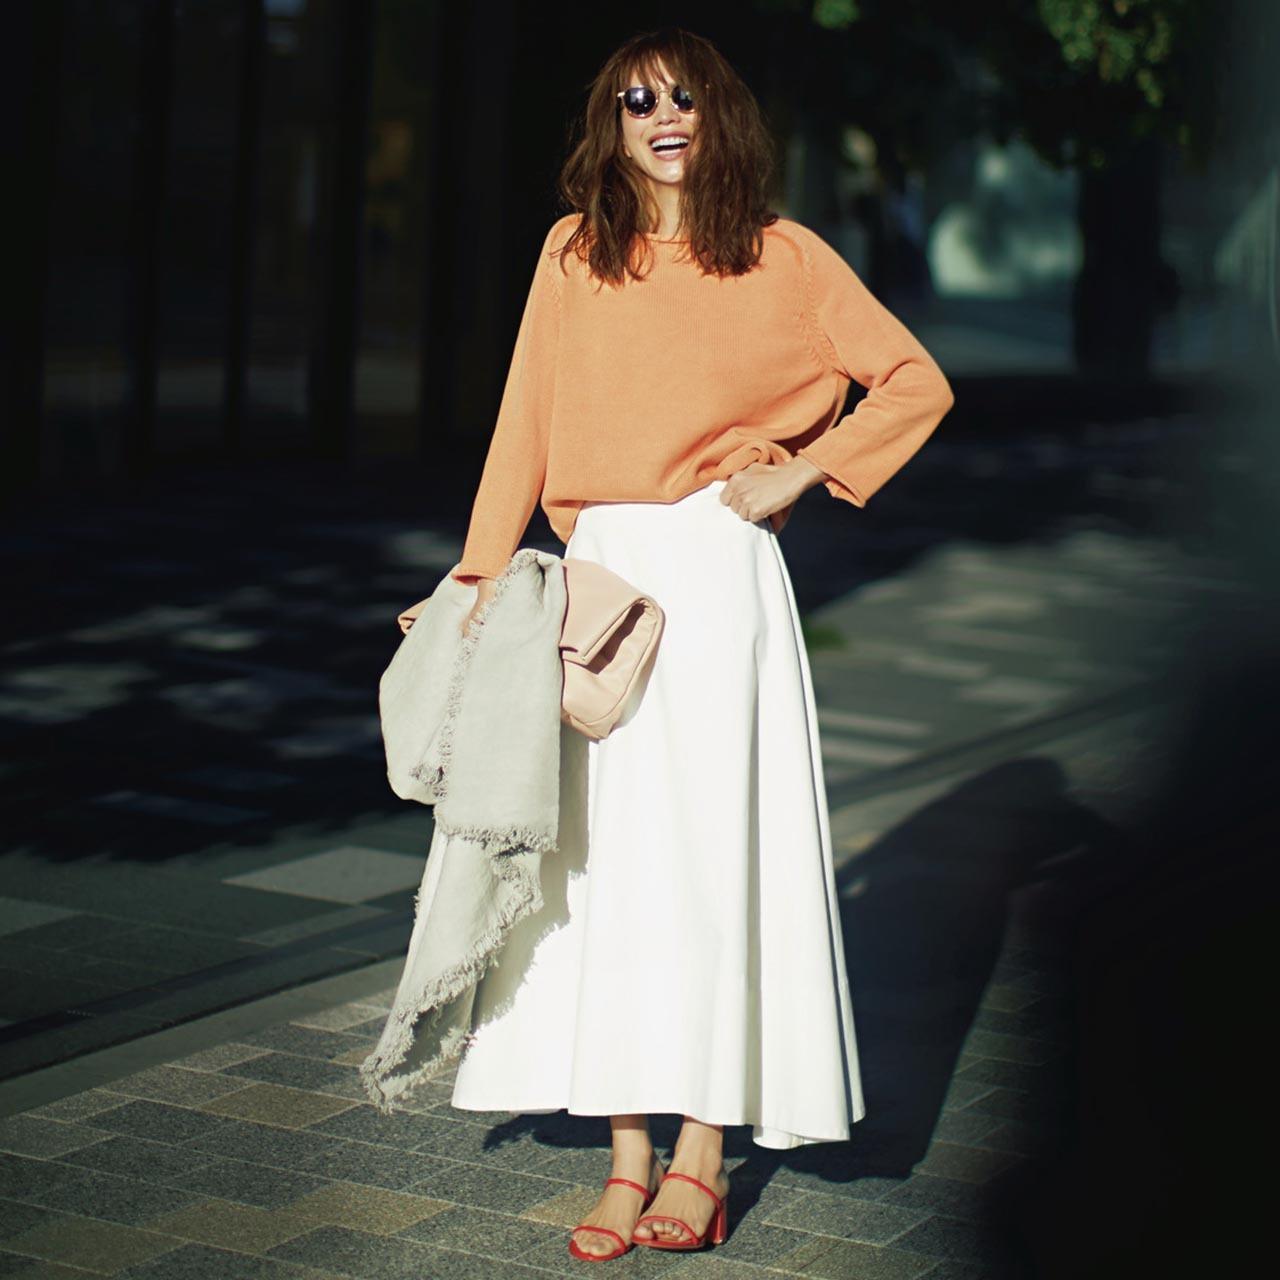 オレンジのニット活ける白のスカートコーデを着たモデルの蛯原友里さん